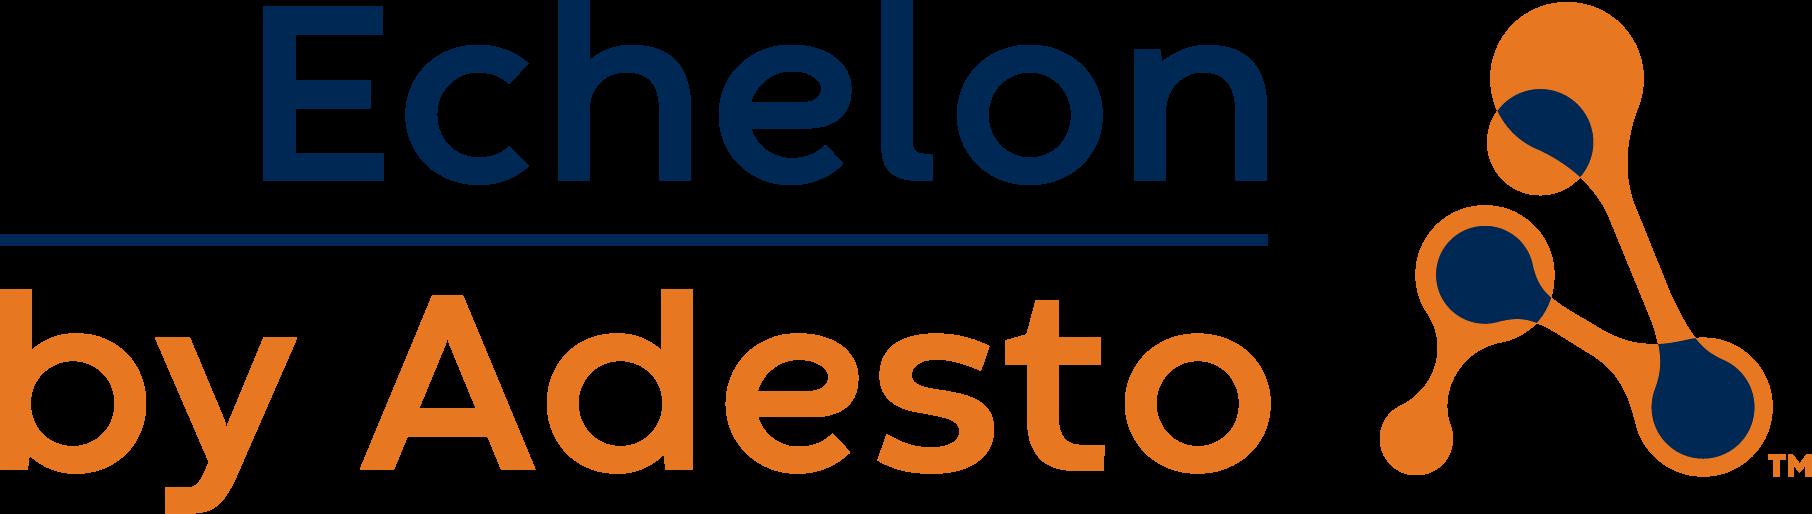 Echelon-Adesto Logo RGB